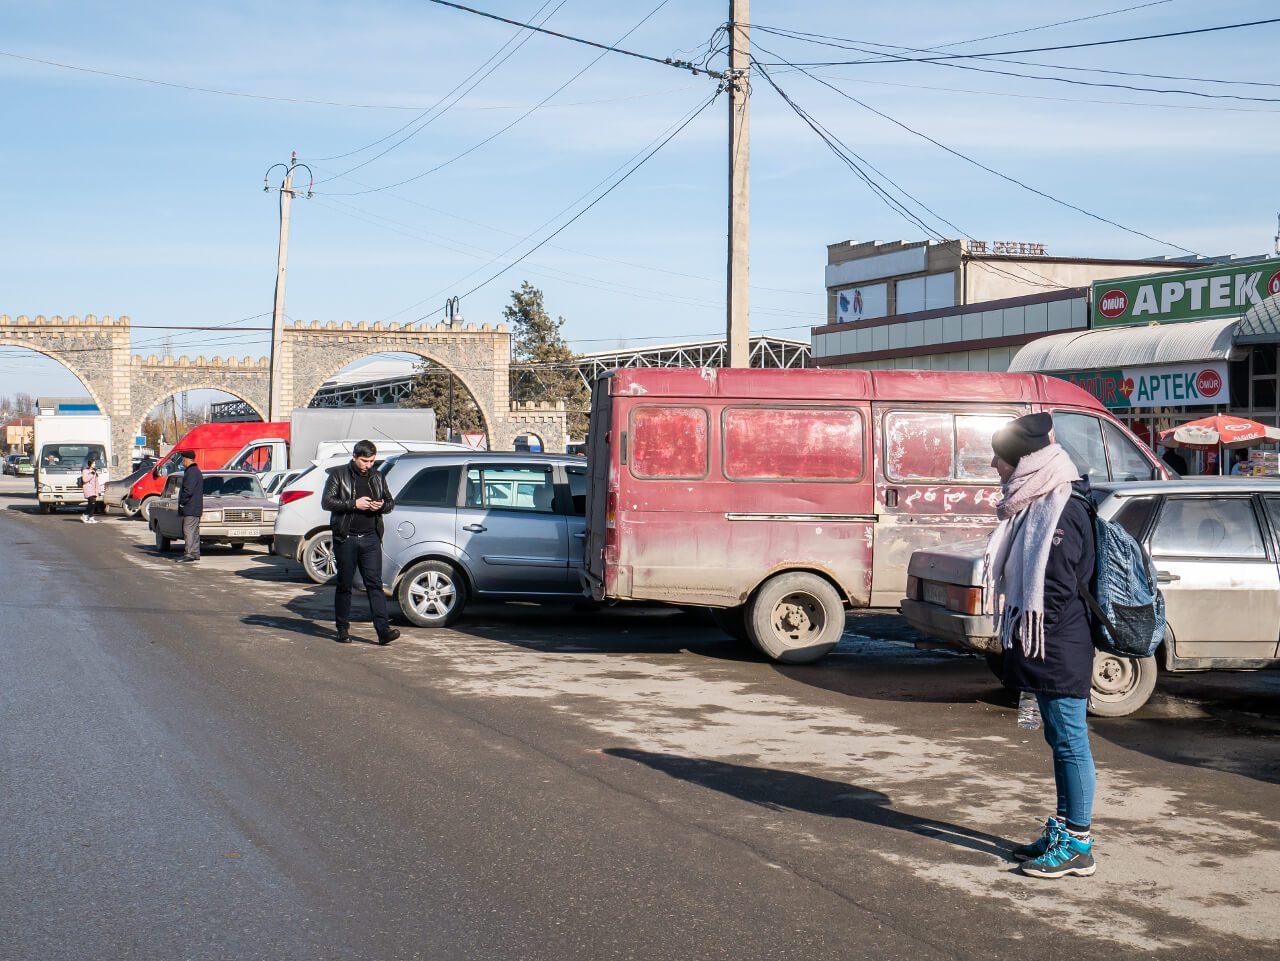 Plac w Qubie, skąd odjeżdżają samochody do Xinaliq